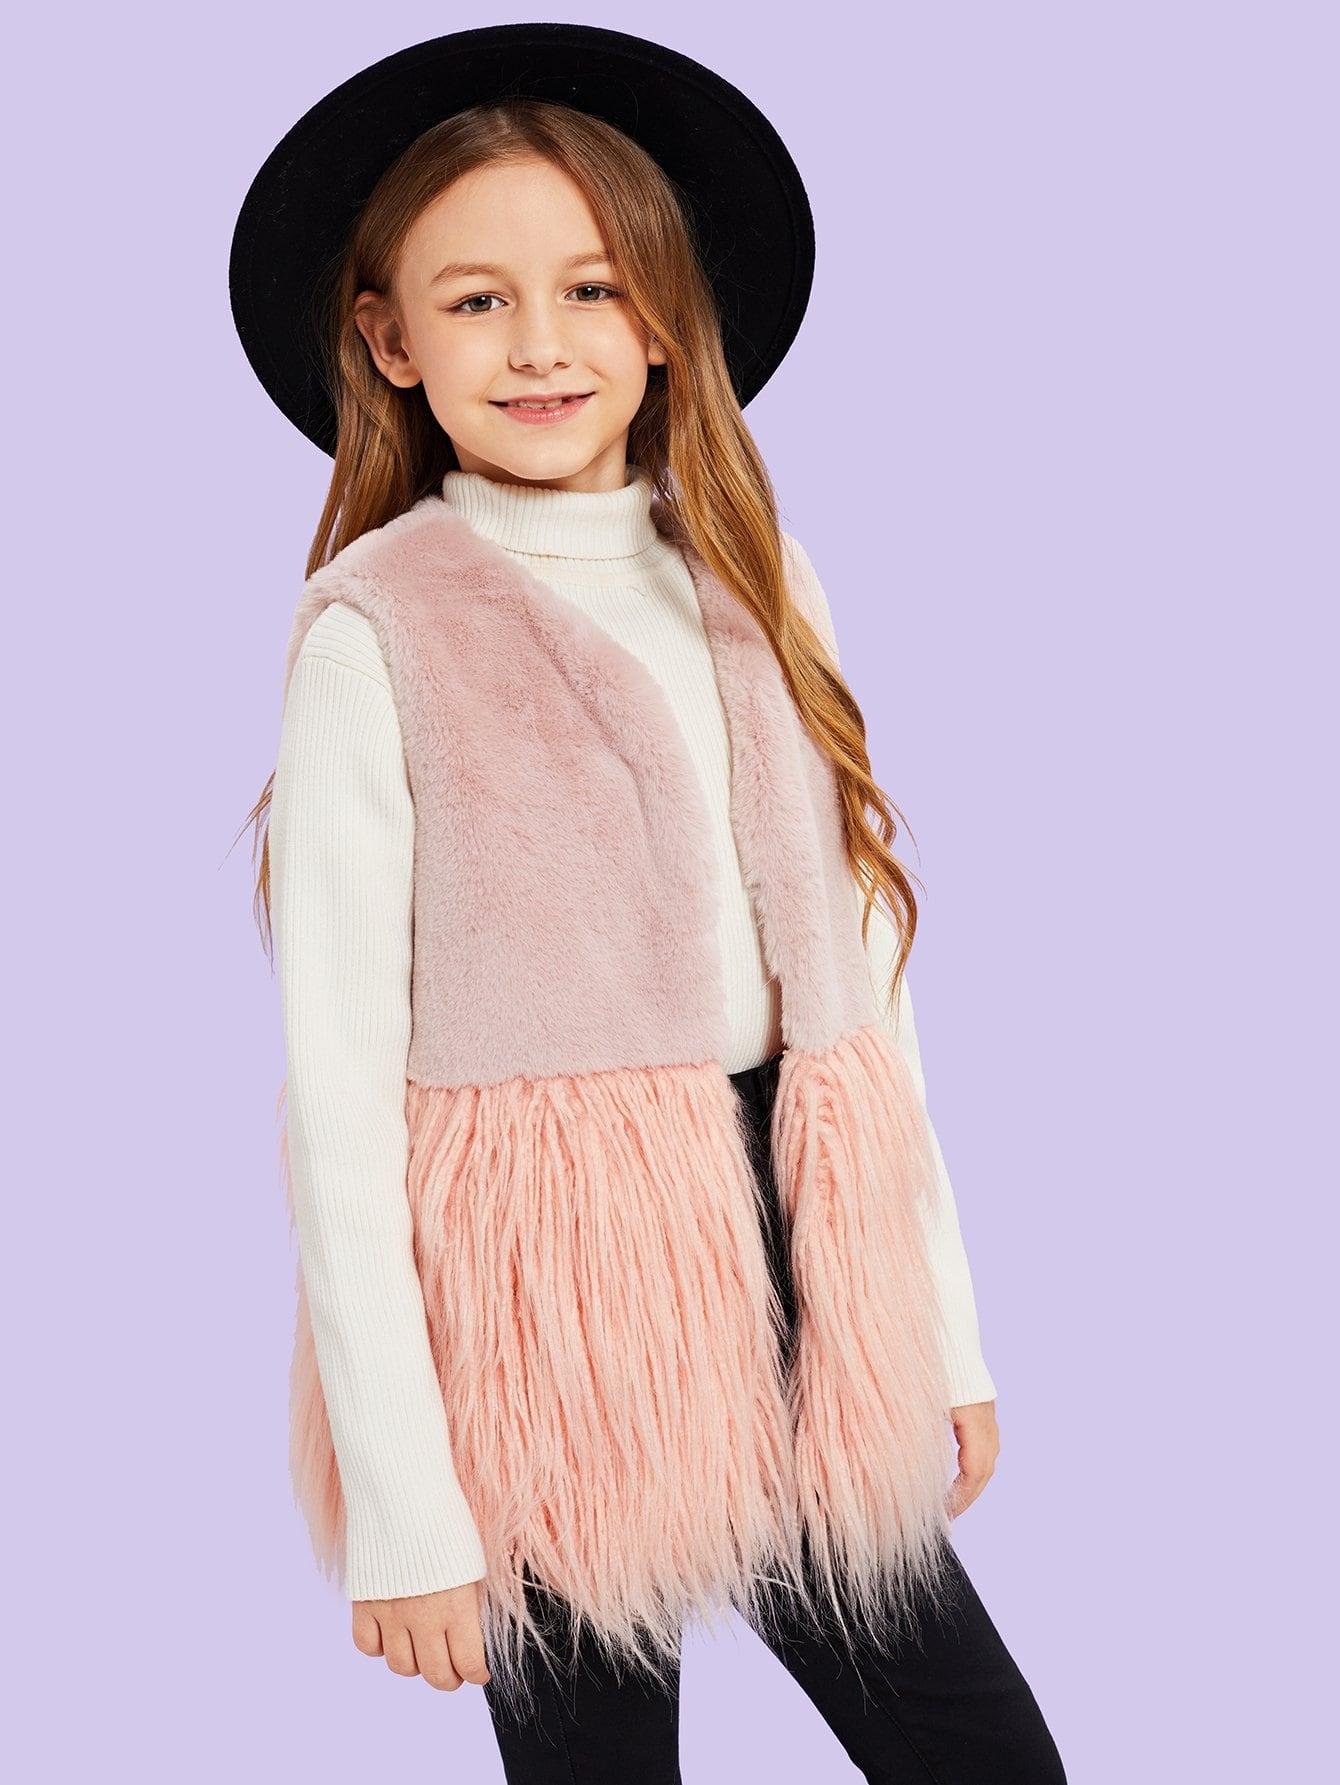 Купить Для девочек пальто без рукавов из искусственного меха, Sashab, SheIn